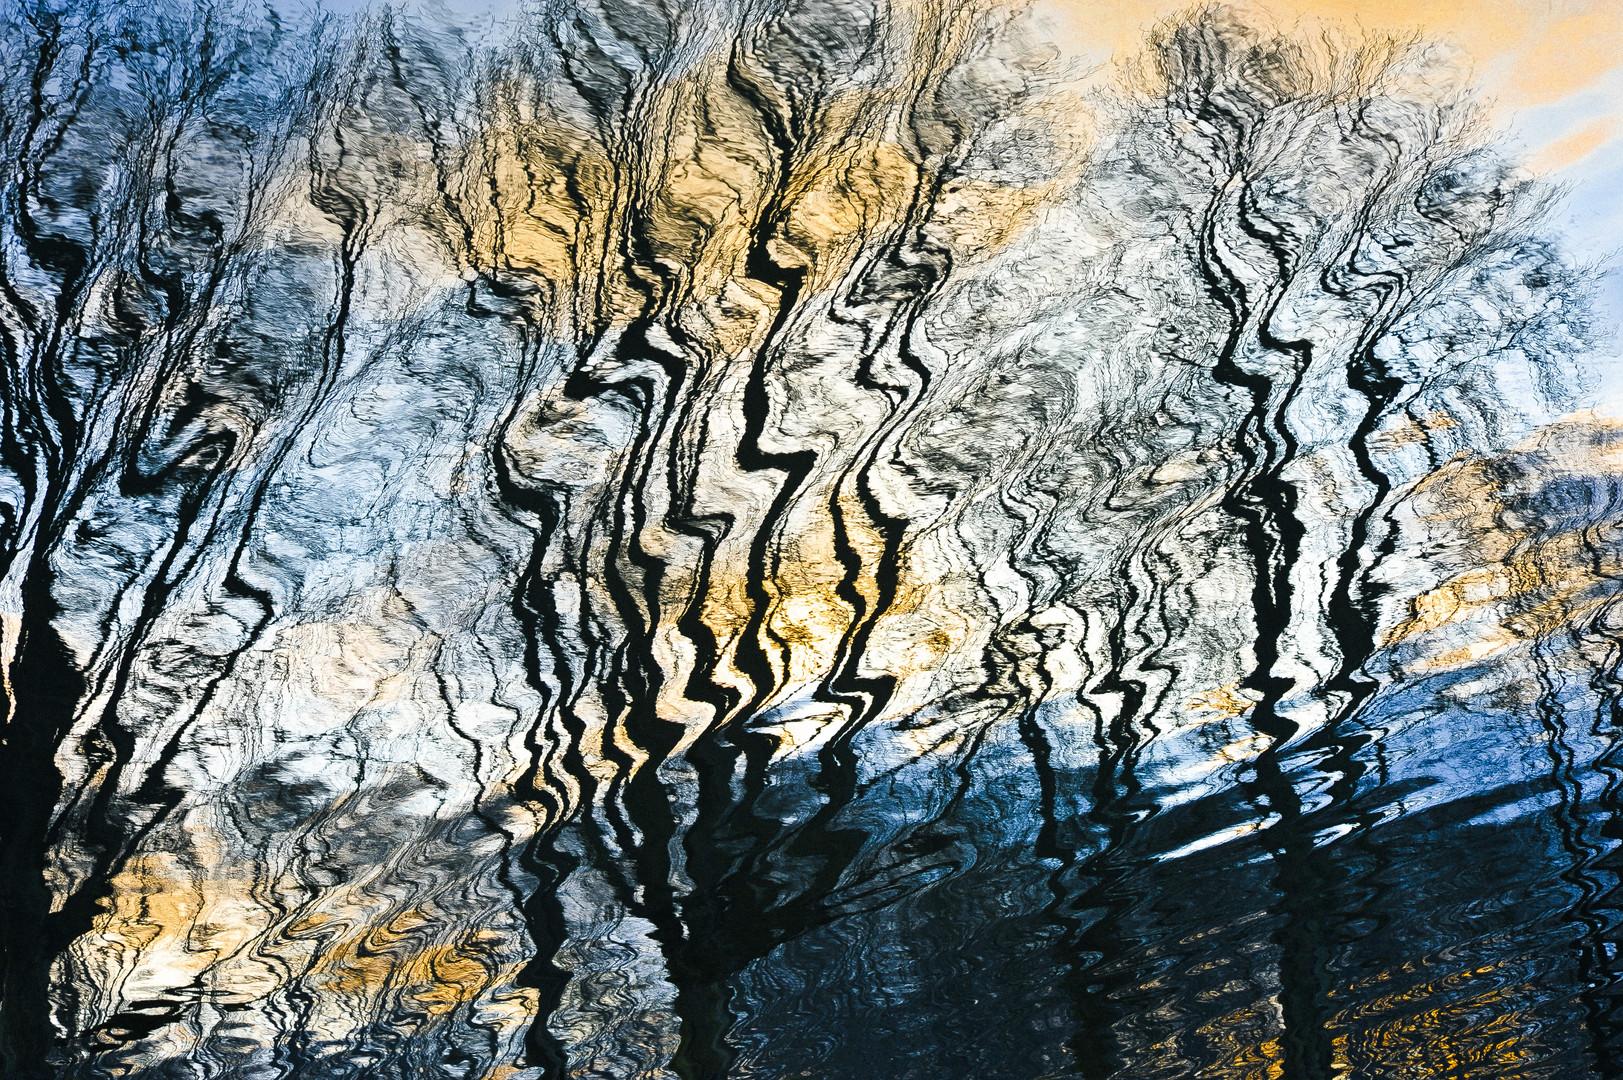 Baumstrukturen im Wasser